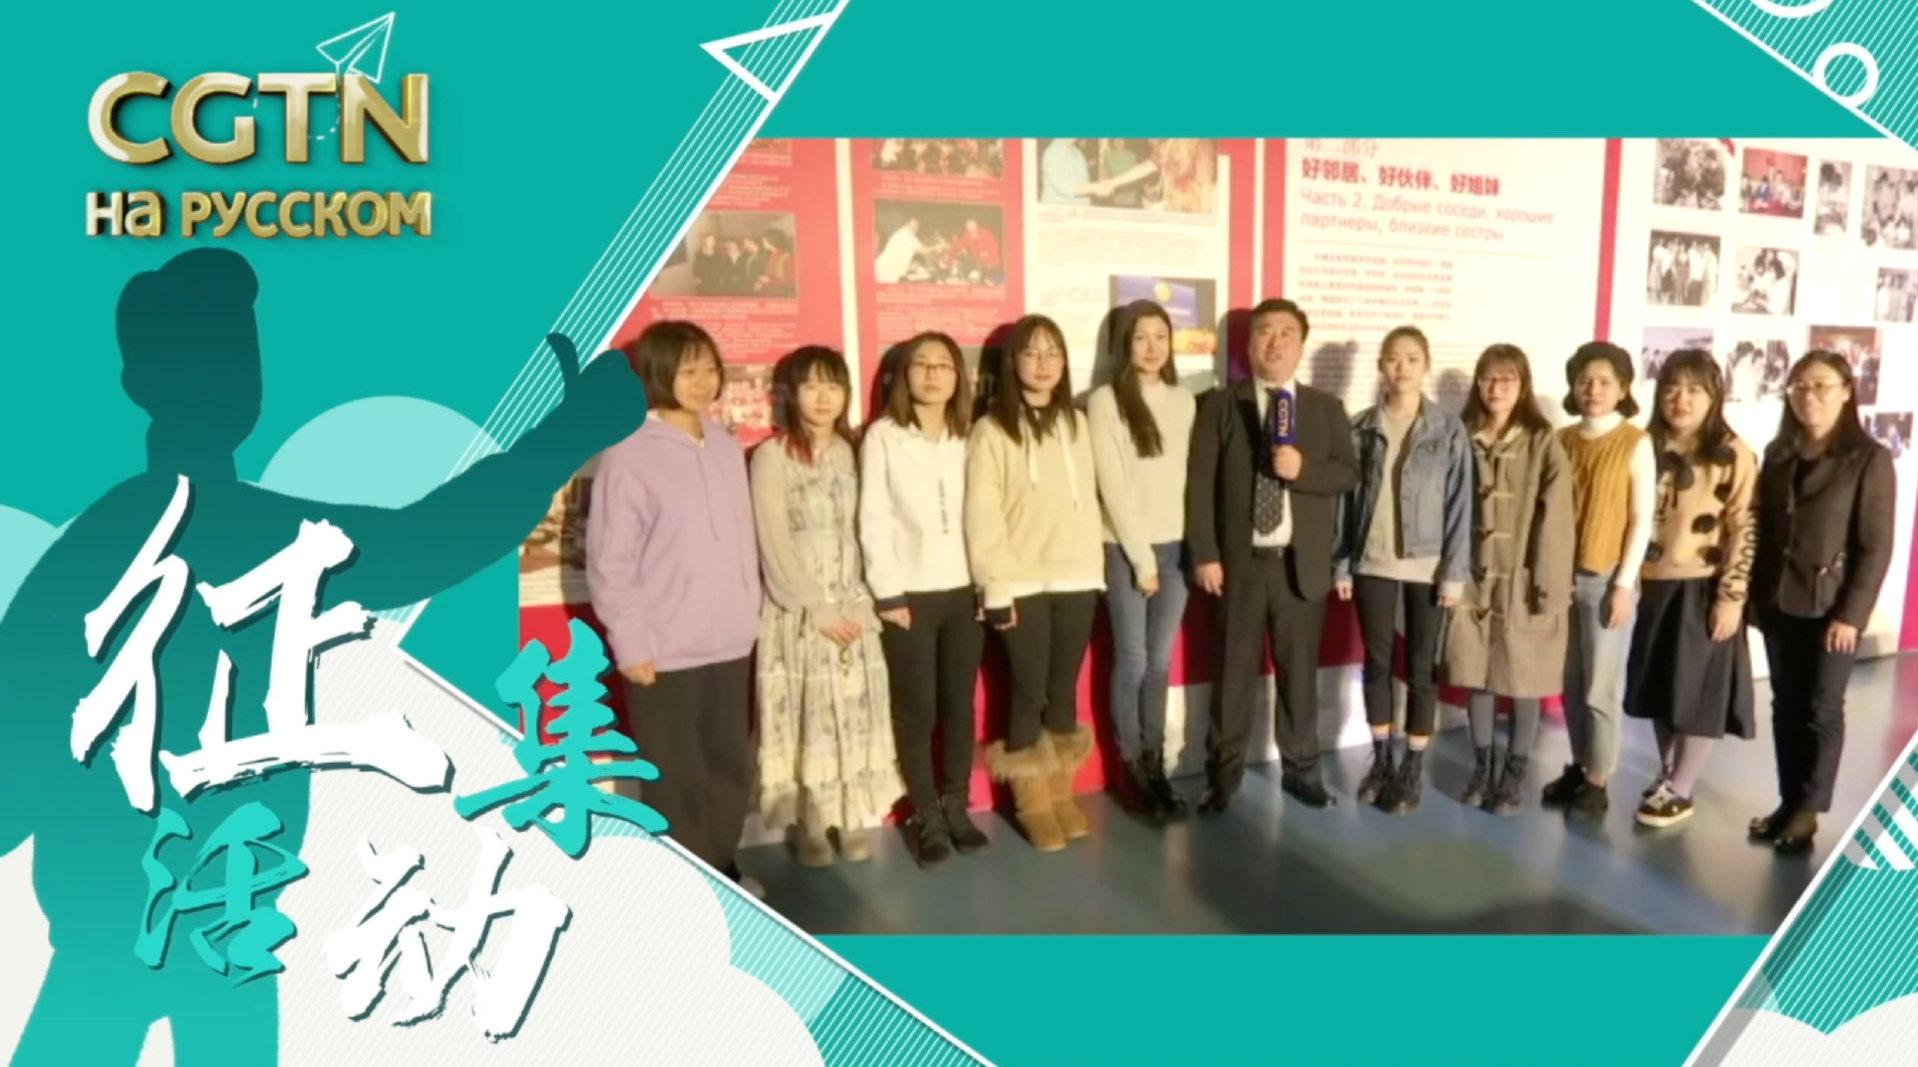 北京第二外国语学院俄语系师生祝愿中俄两国友谊地久天长!